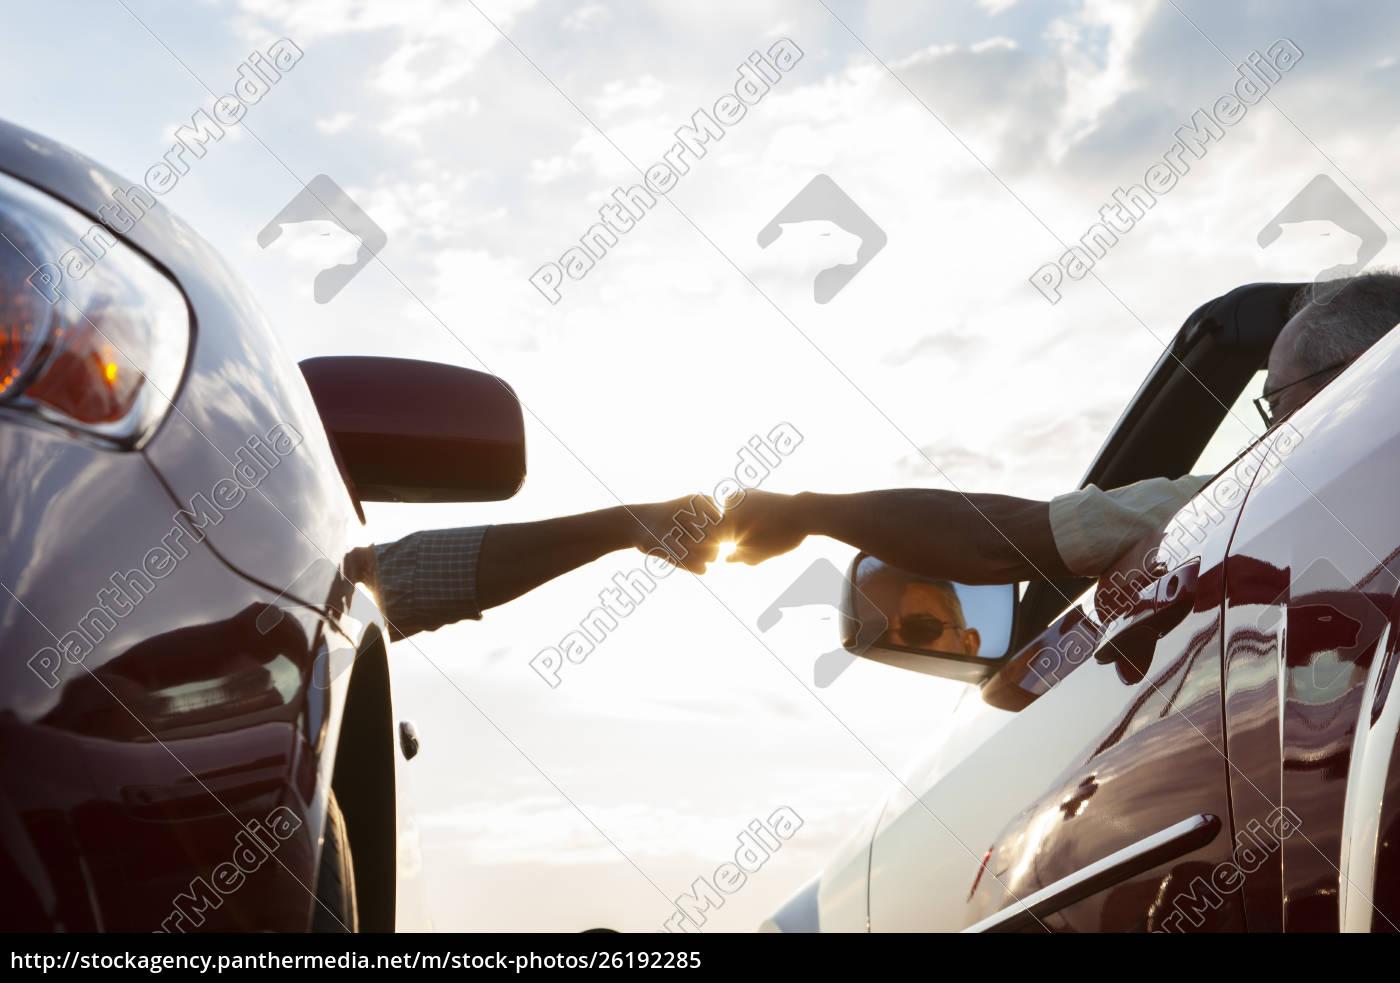 fist, bump, between, a, passenger, in - 26192285